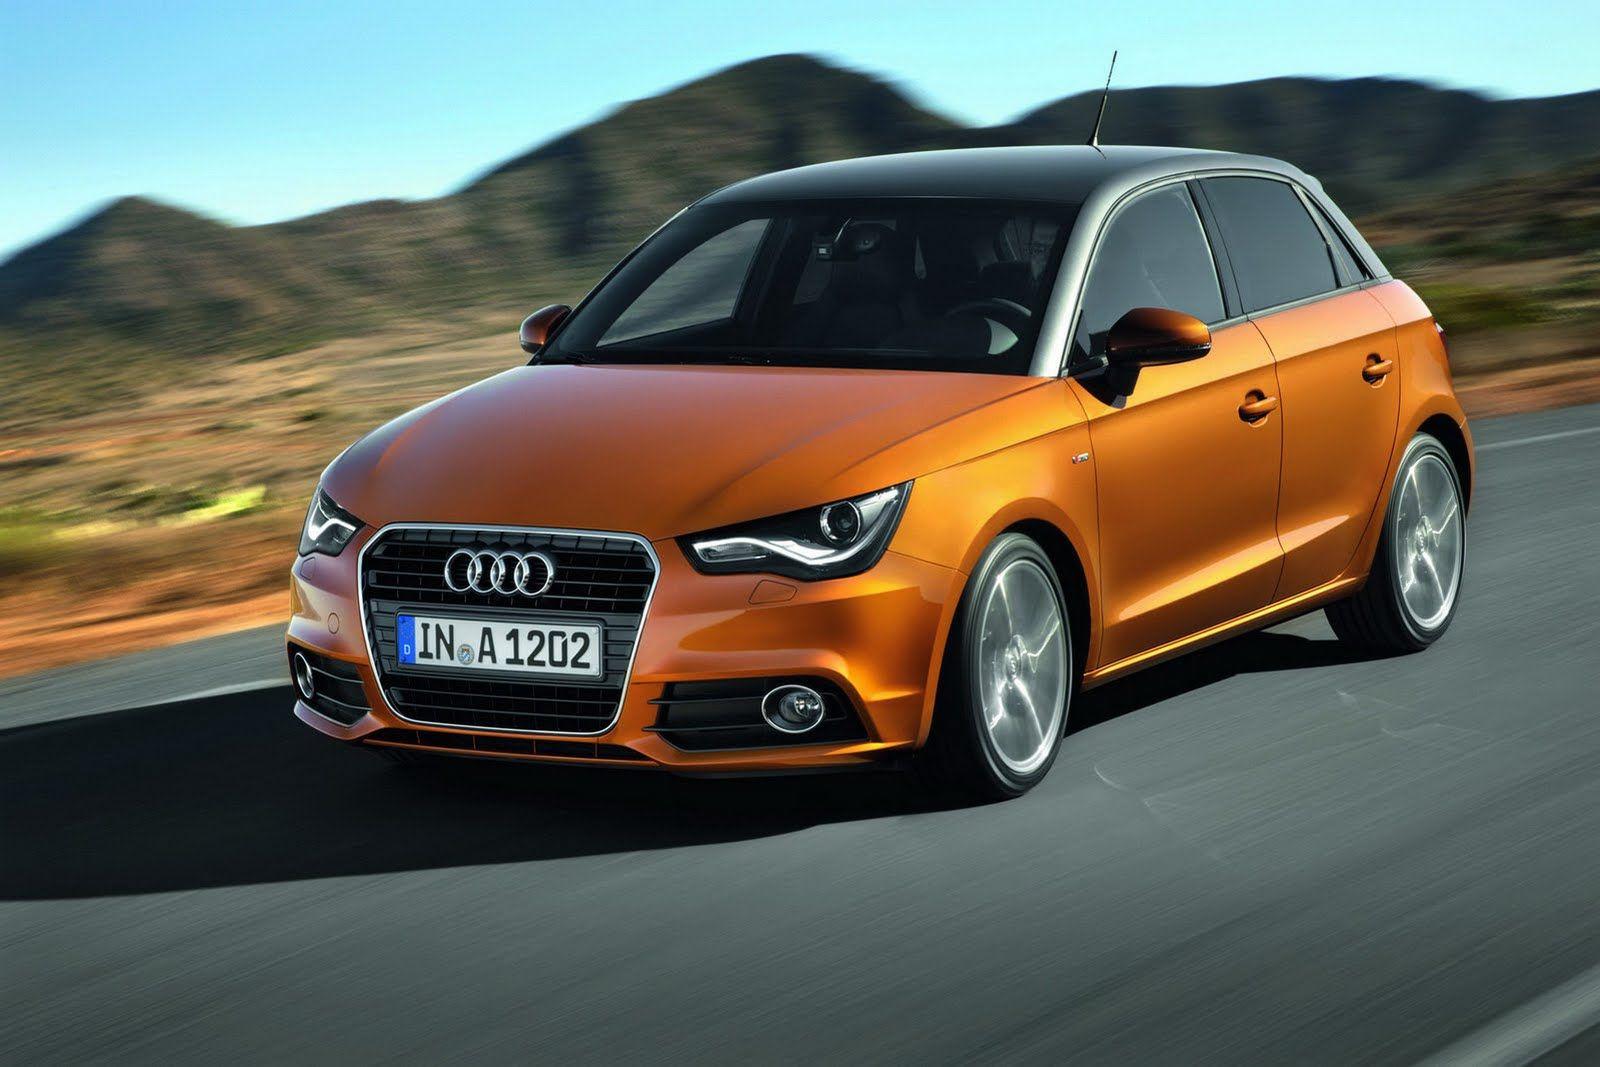 Audi a1 gold